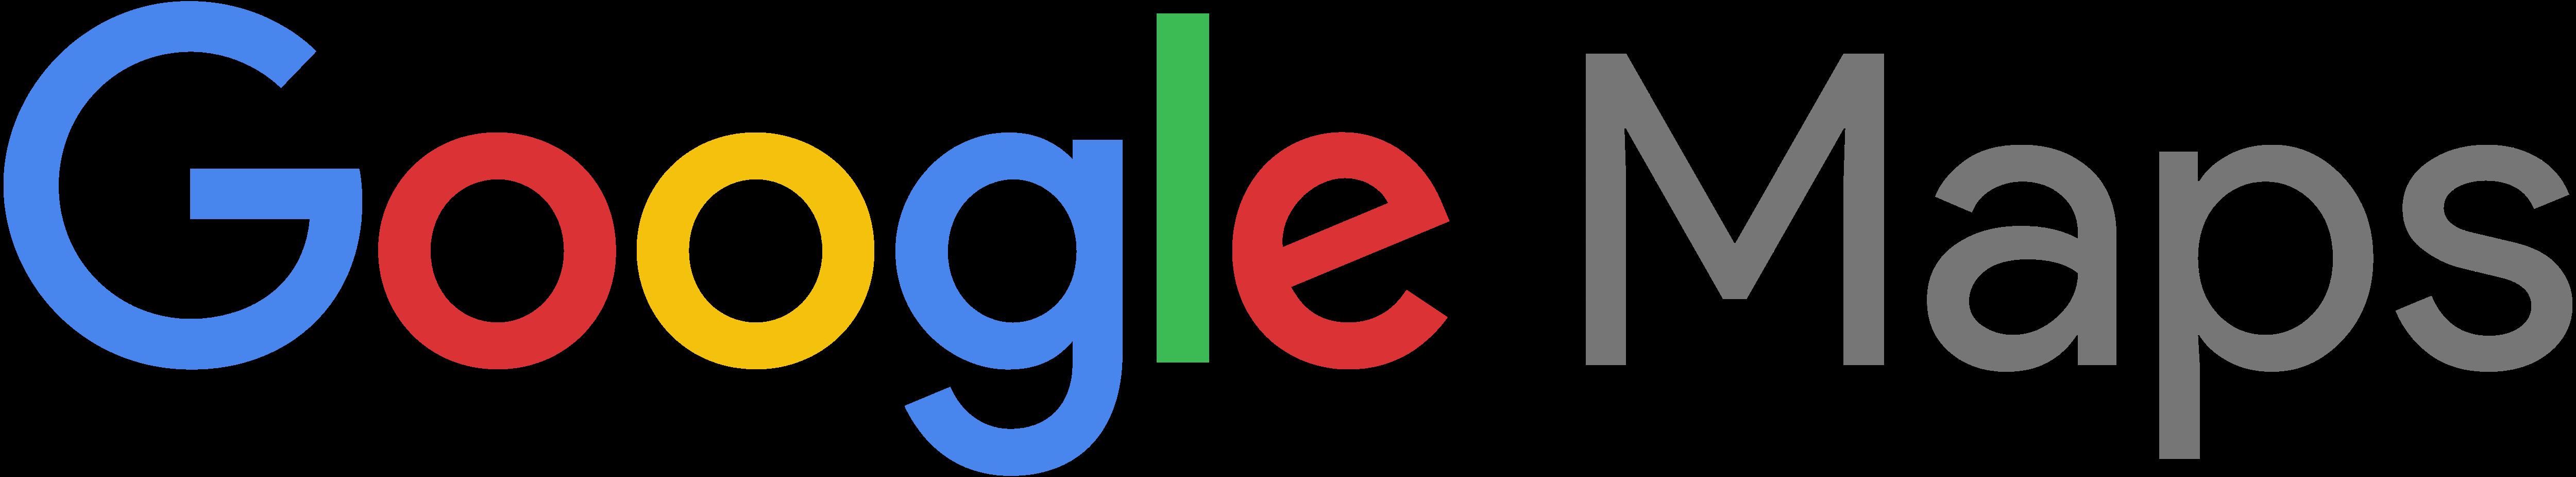 Google Maps – Logos Download